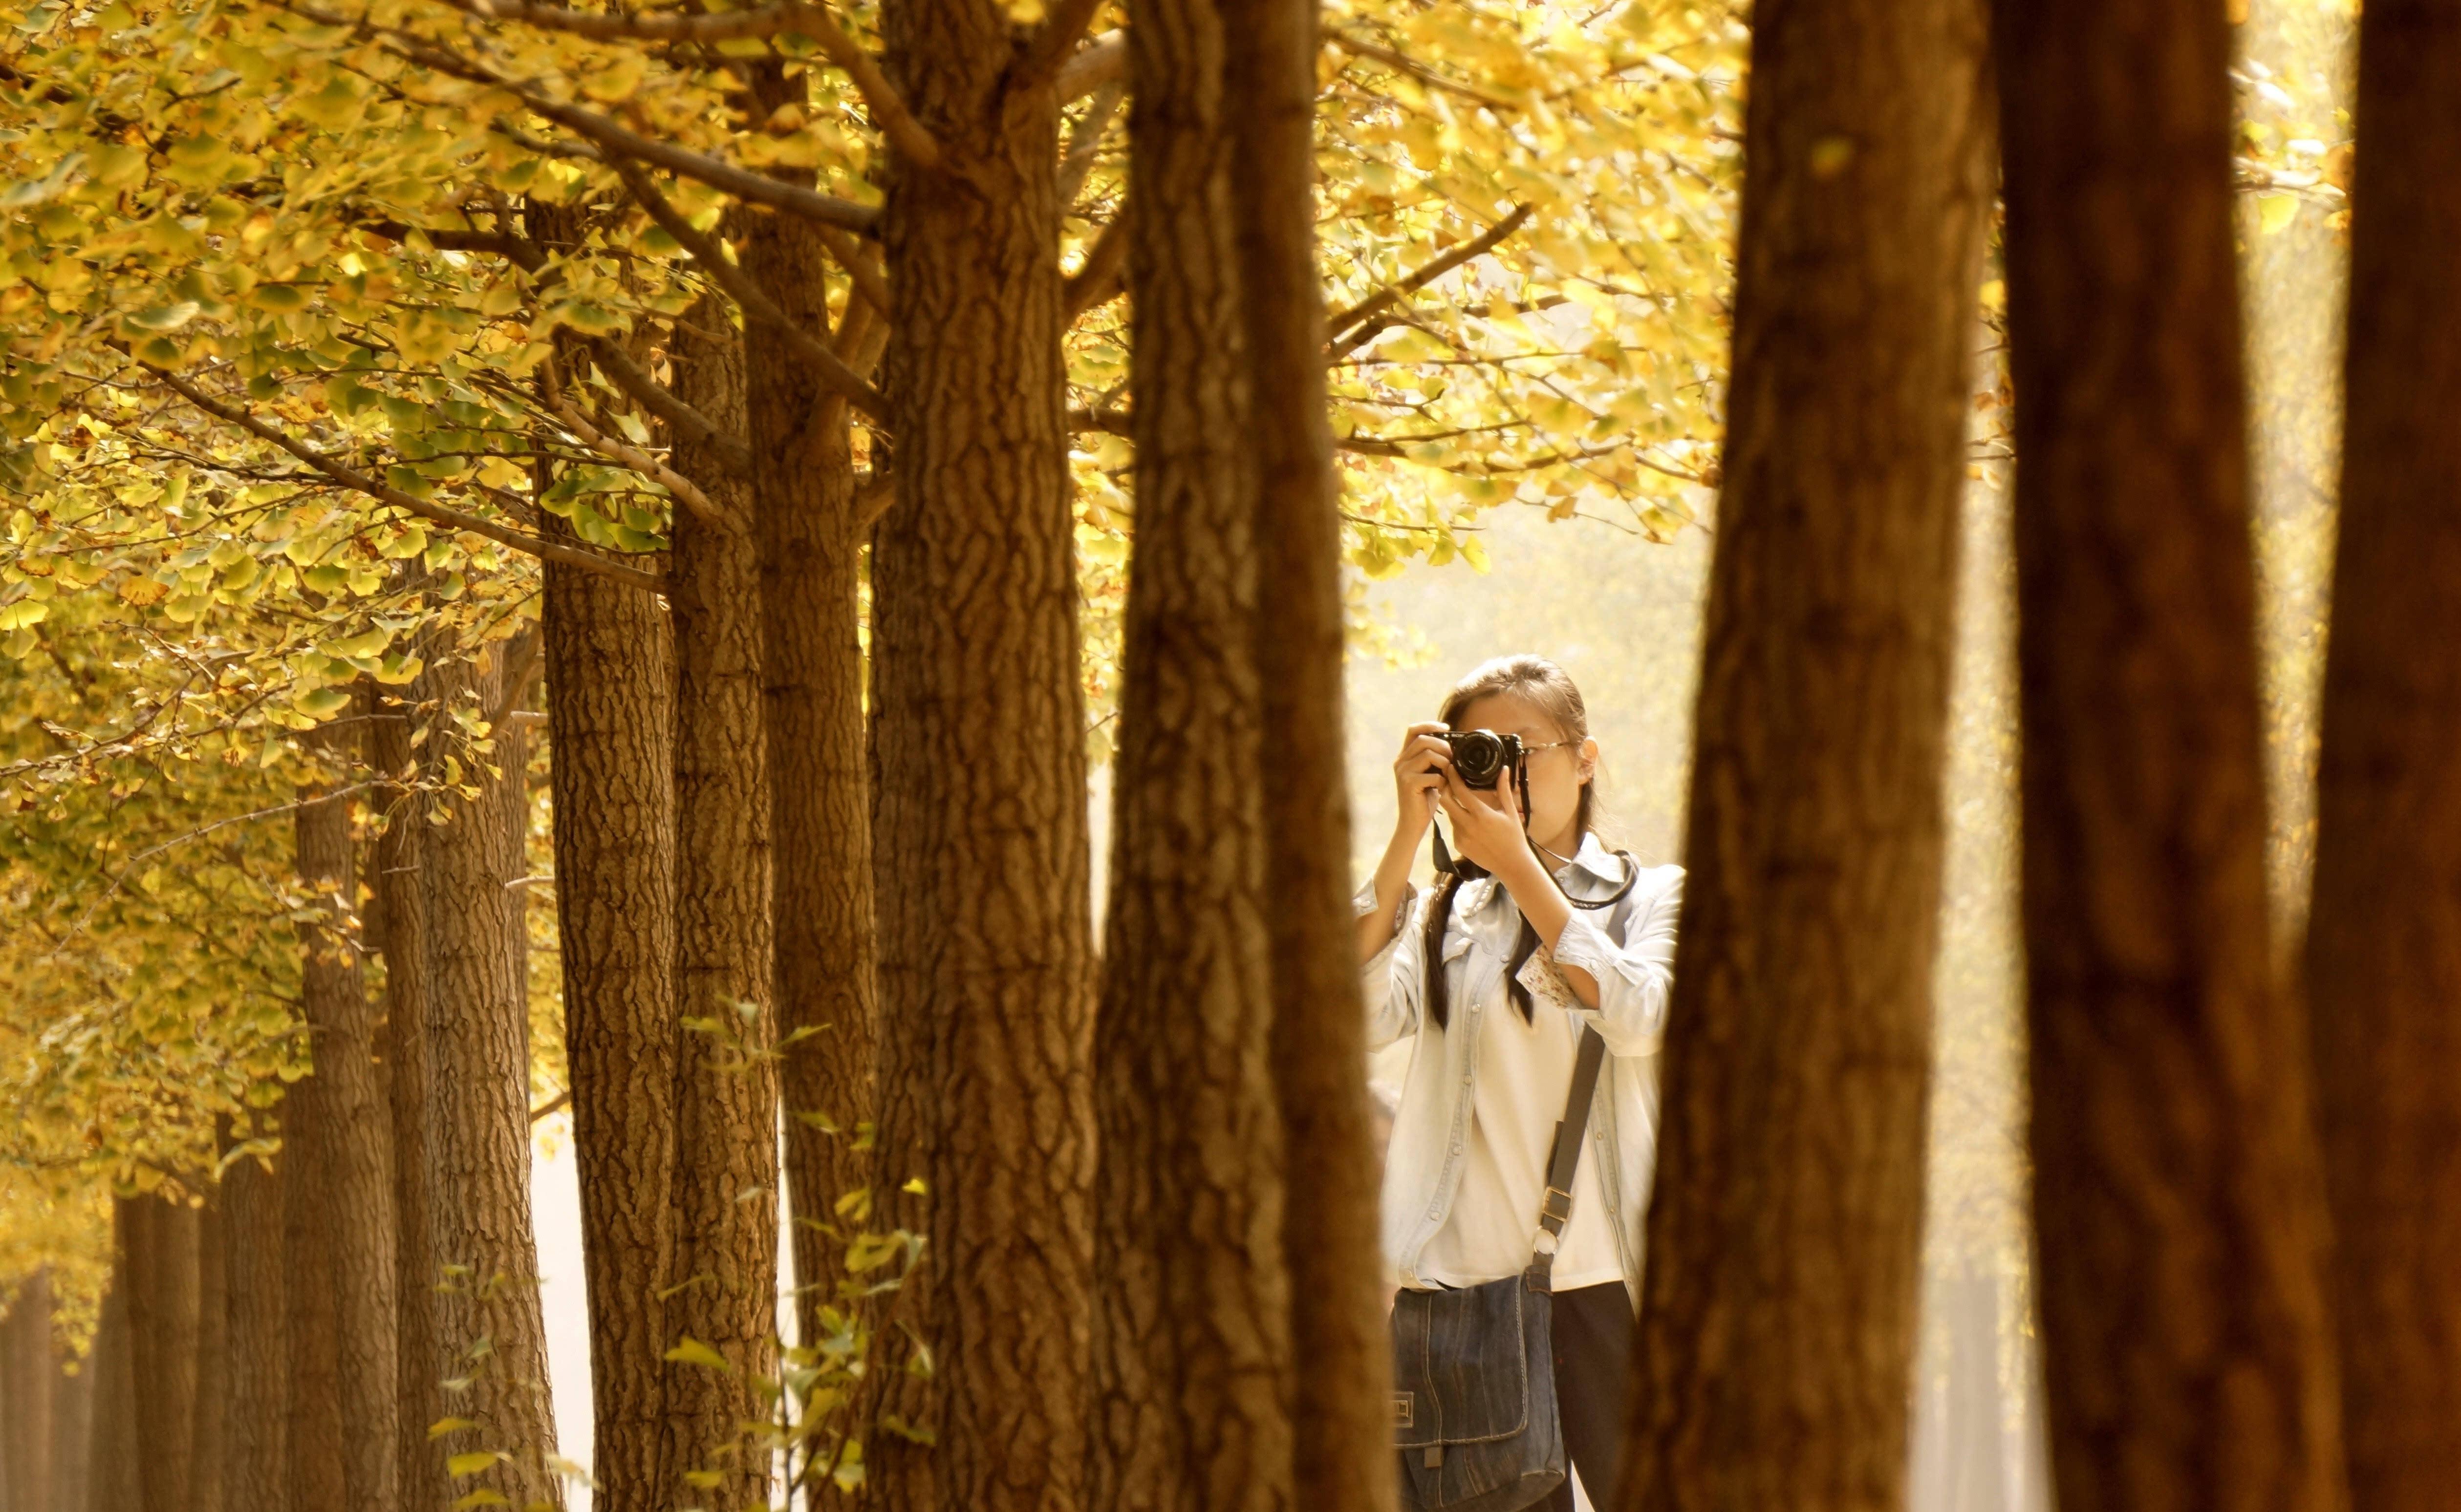 壁纸 风景 森林 桌面 5036_3095图片